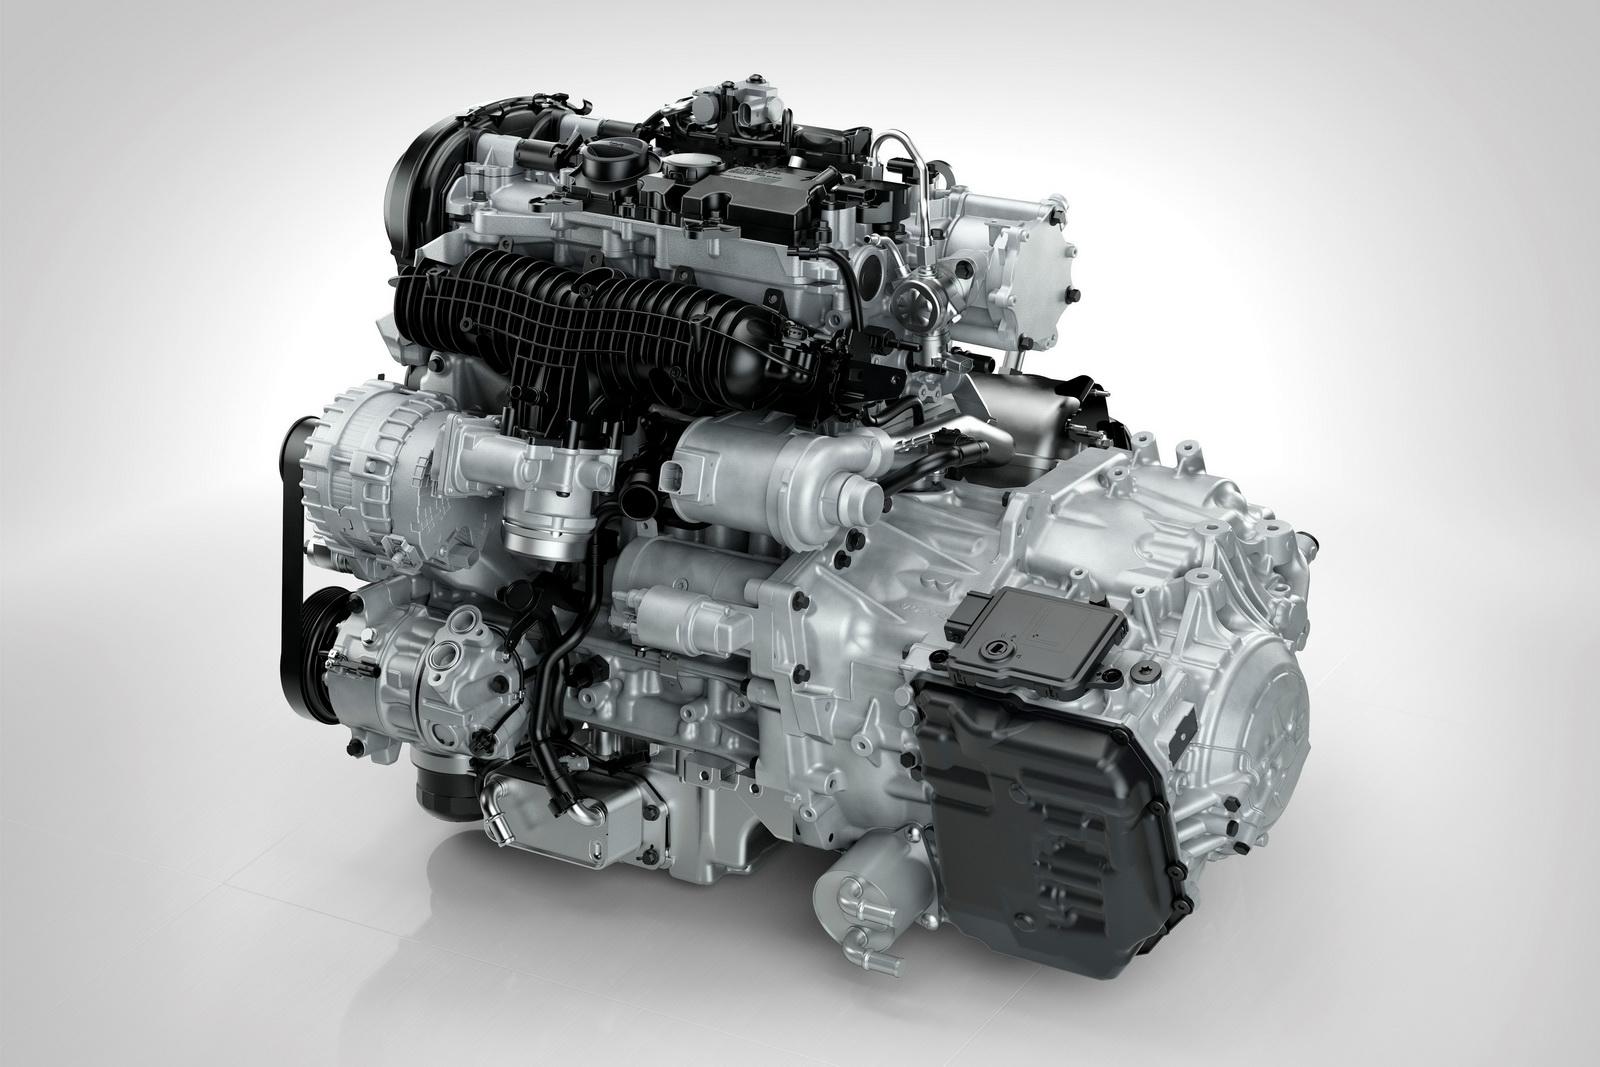 Động cơ xăng tăng áp Drive-E T5 cải tiến, có công suất 245 mã lực